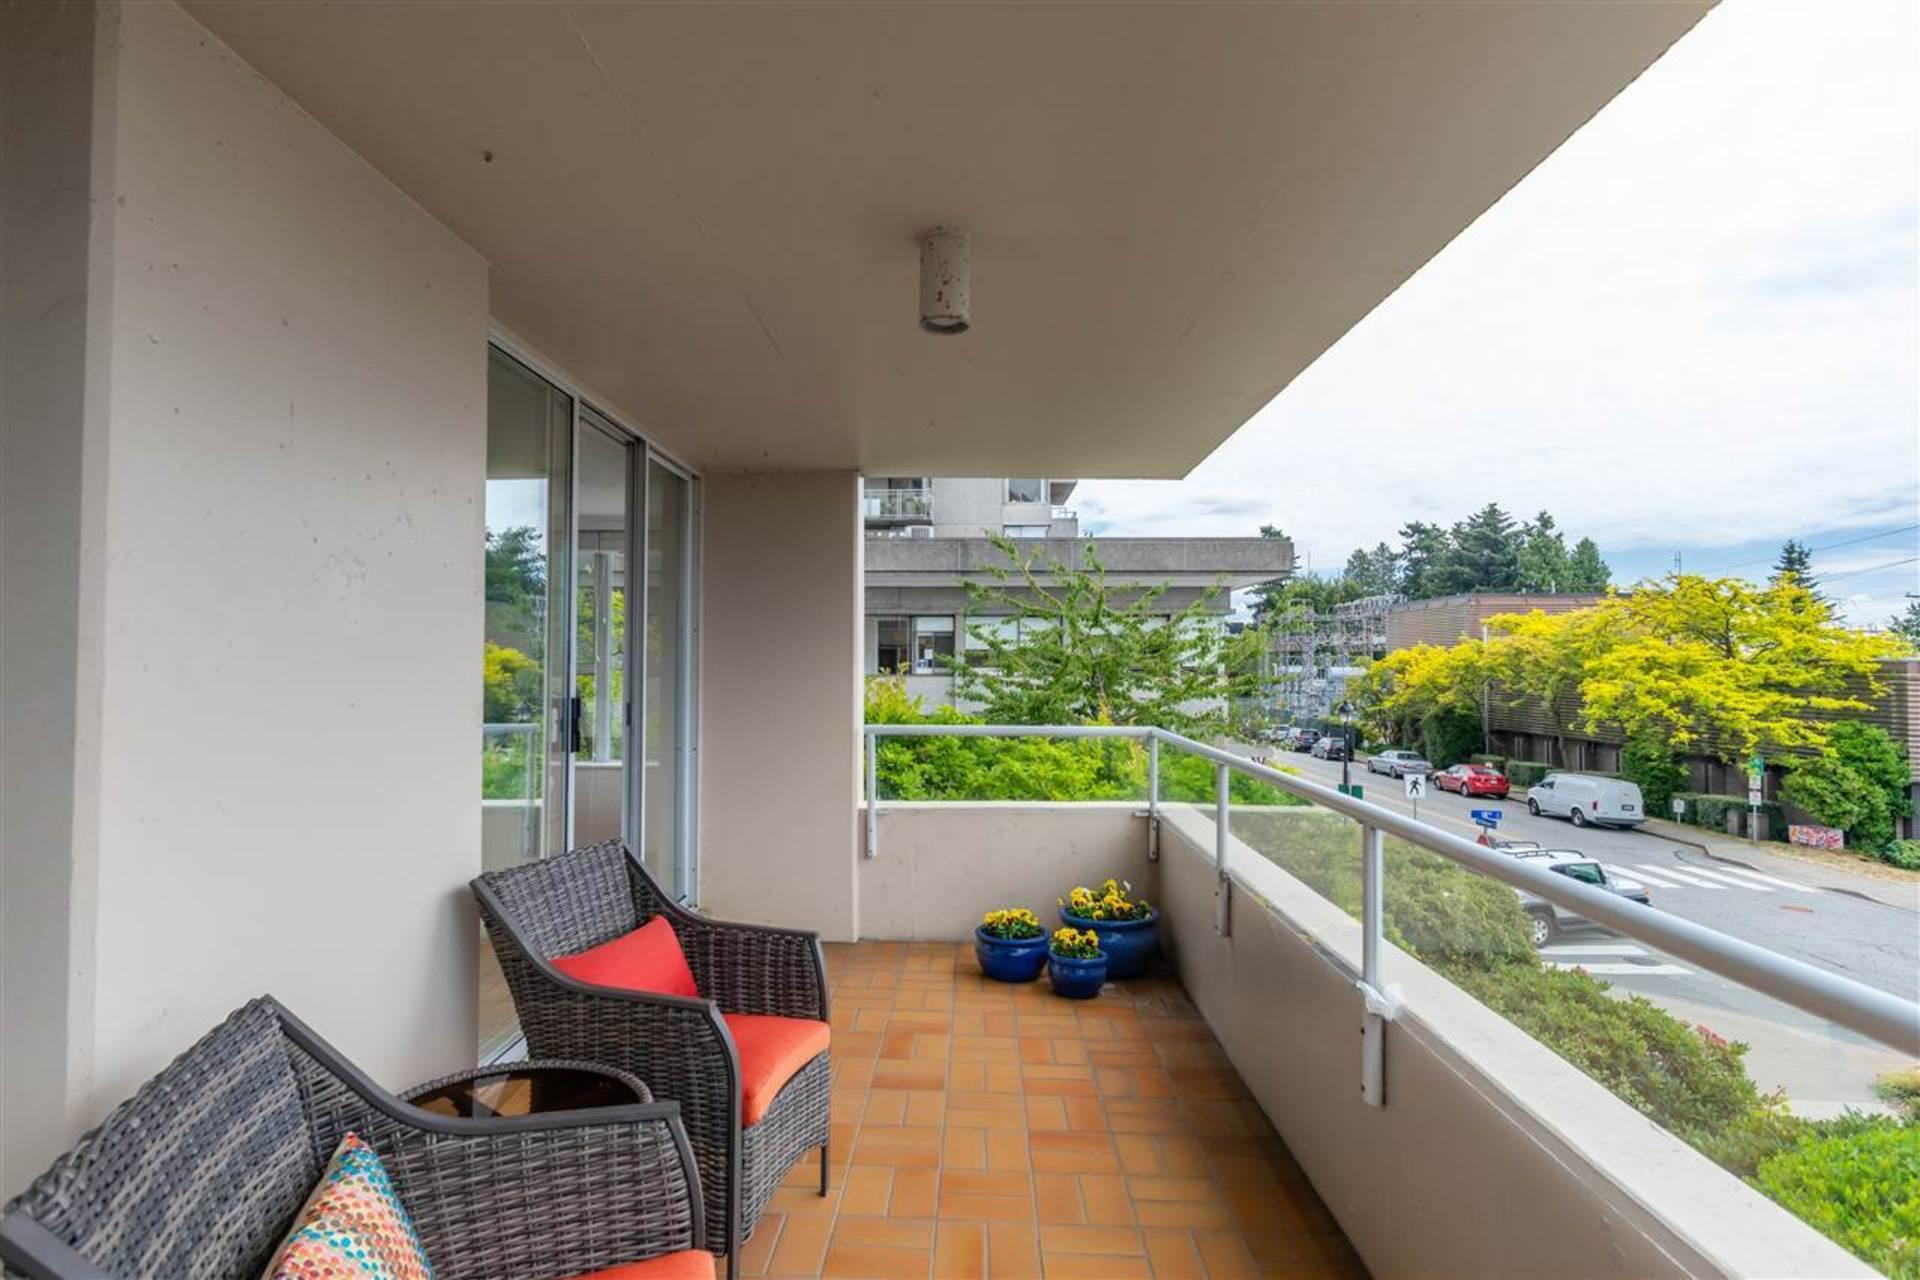 1819-bellevue-avenue-ambleside-west-vancouver-14 at 200 - 1819 Bellevue Avenue, Ambleside, West Vancouver